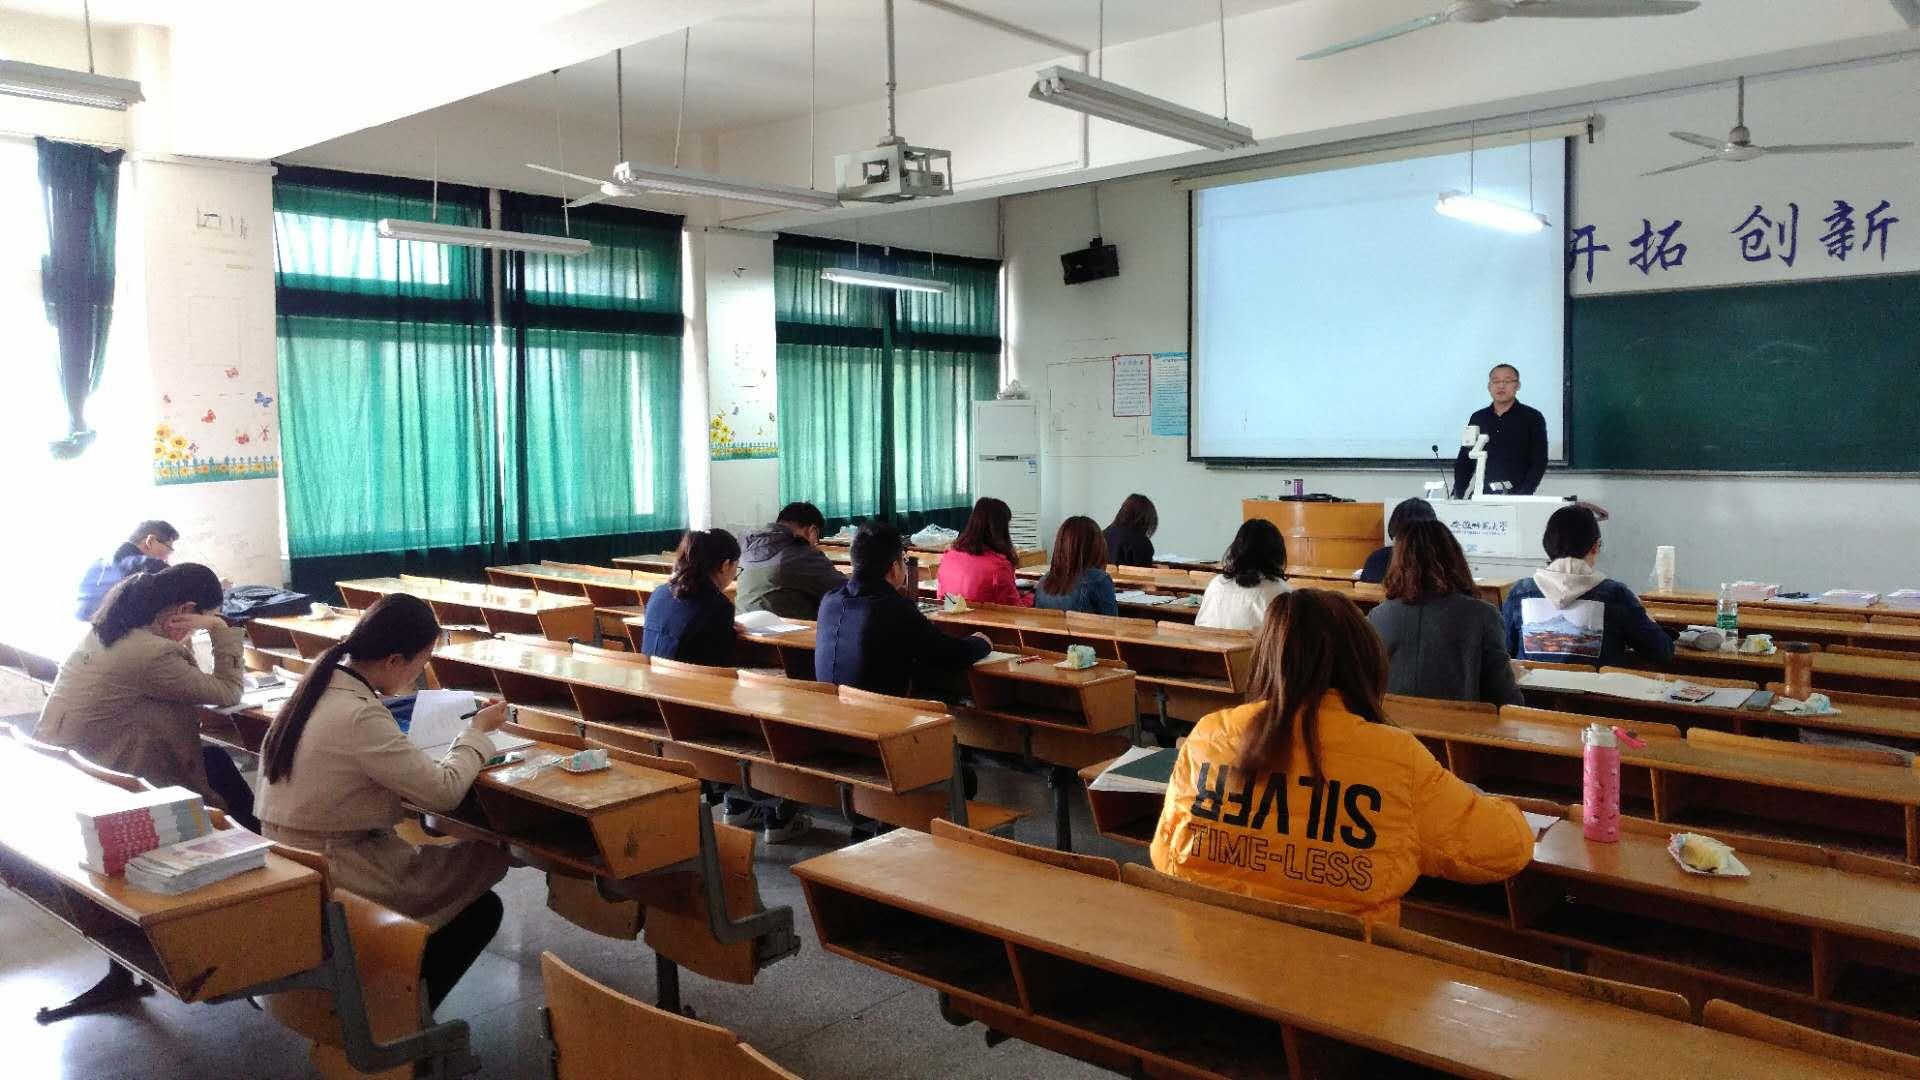 【芜湖校区】4月29日MBA-EMBA政策讲座